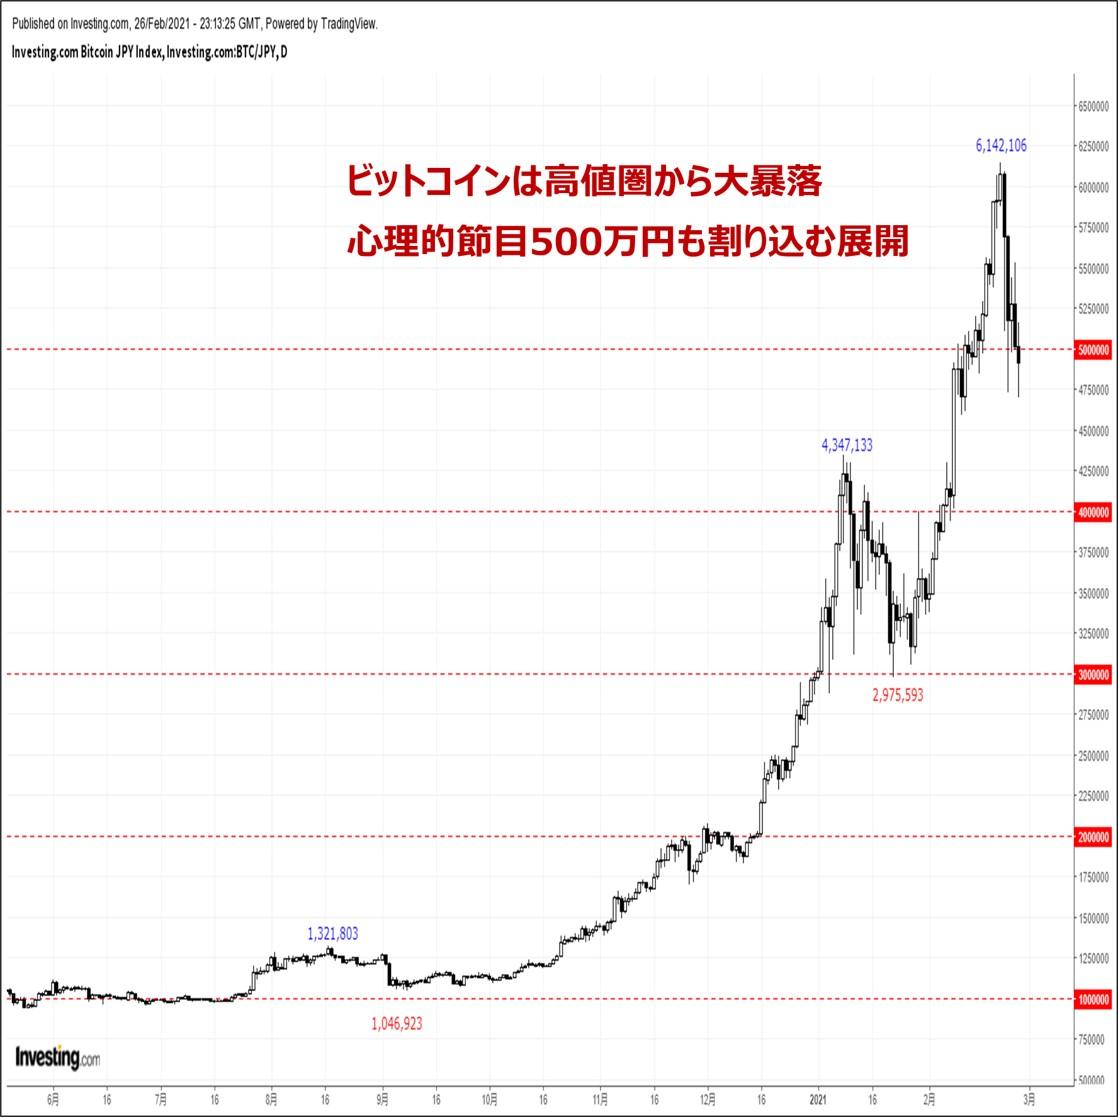 ビットコインの価格分析:『米債市場を震源地とするリスクオフ再燃。暗号資産は軒並み大暴落』(2/28)